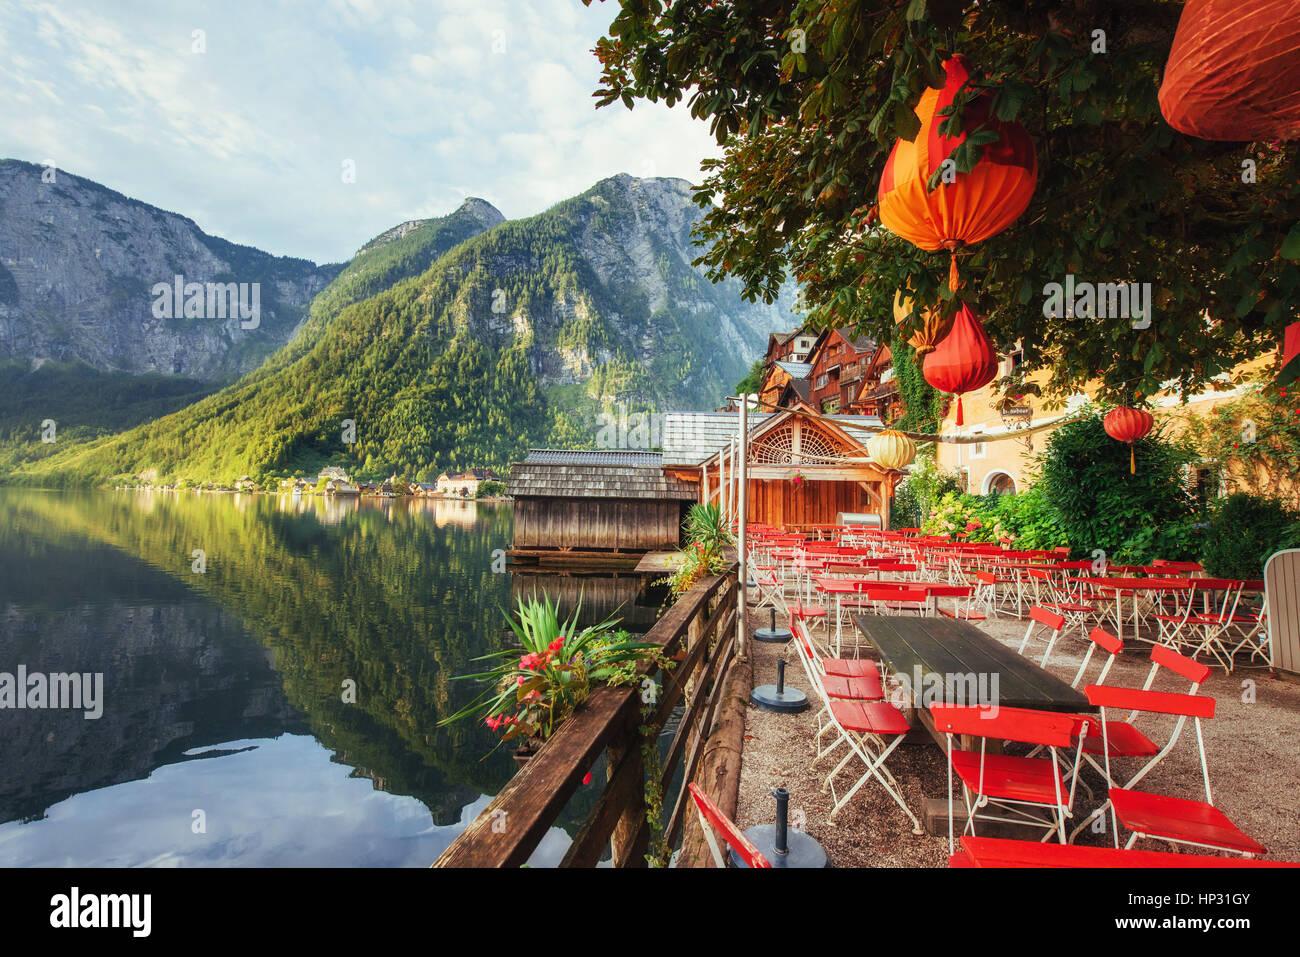 Sommer-Café auf der schönen See zwischen Bergen. Alpen. Hallen Stockbild